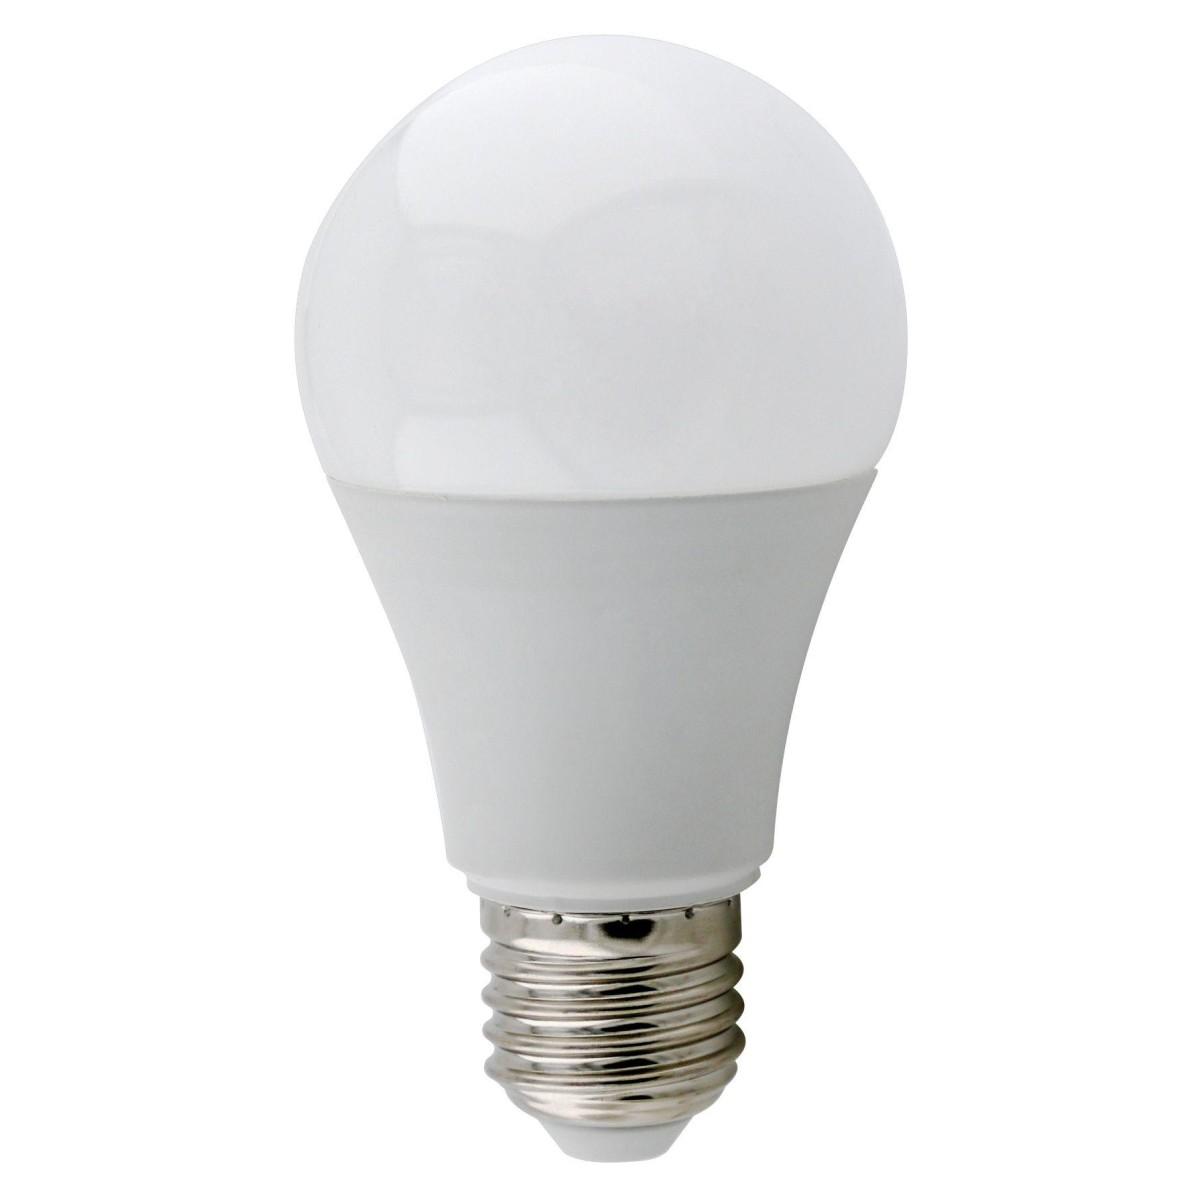 Лампа Ecola light светодионая E27 11.50 Вт груша 740 Лм теплый свет